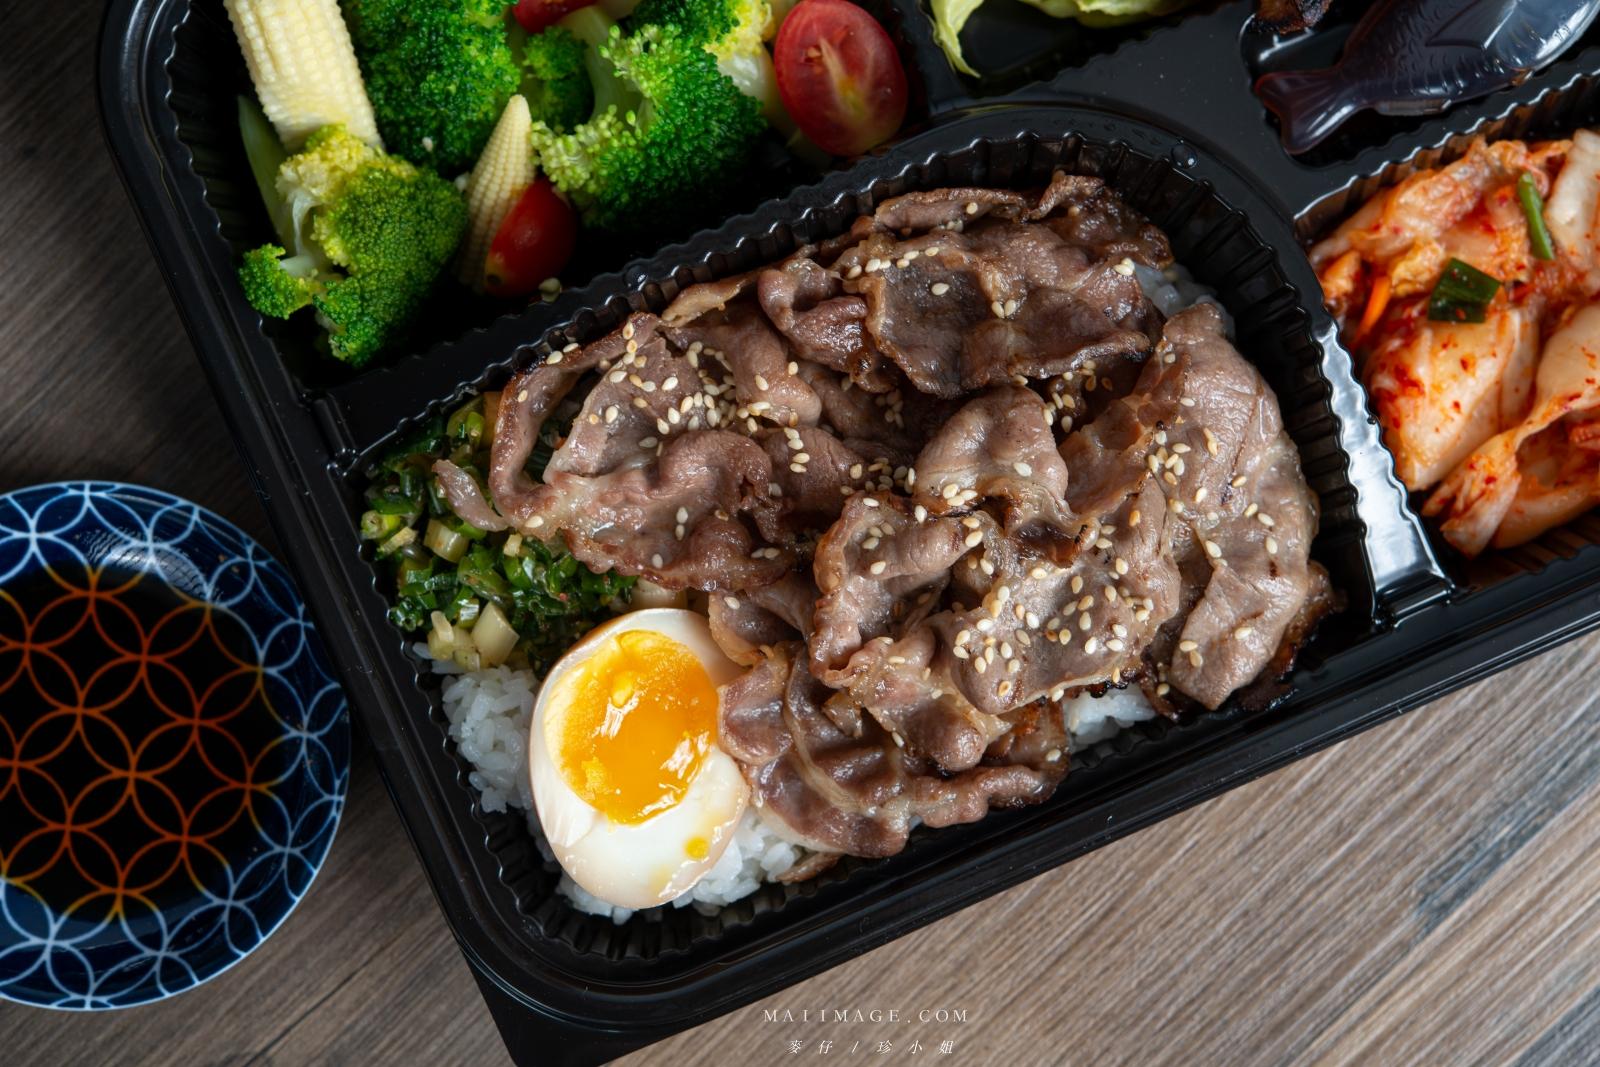 這一盒一解我的燒肉愁!『燒肉燒 x Gumgum雞翅啤酒吧』強強聯手燒肉便當。燒肉教母燒肉吃起來~台北市吉林路必訪燒肉店